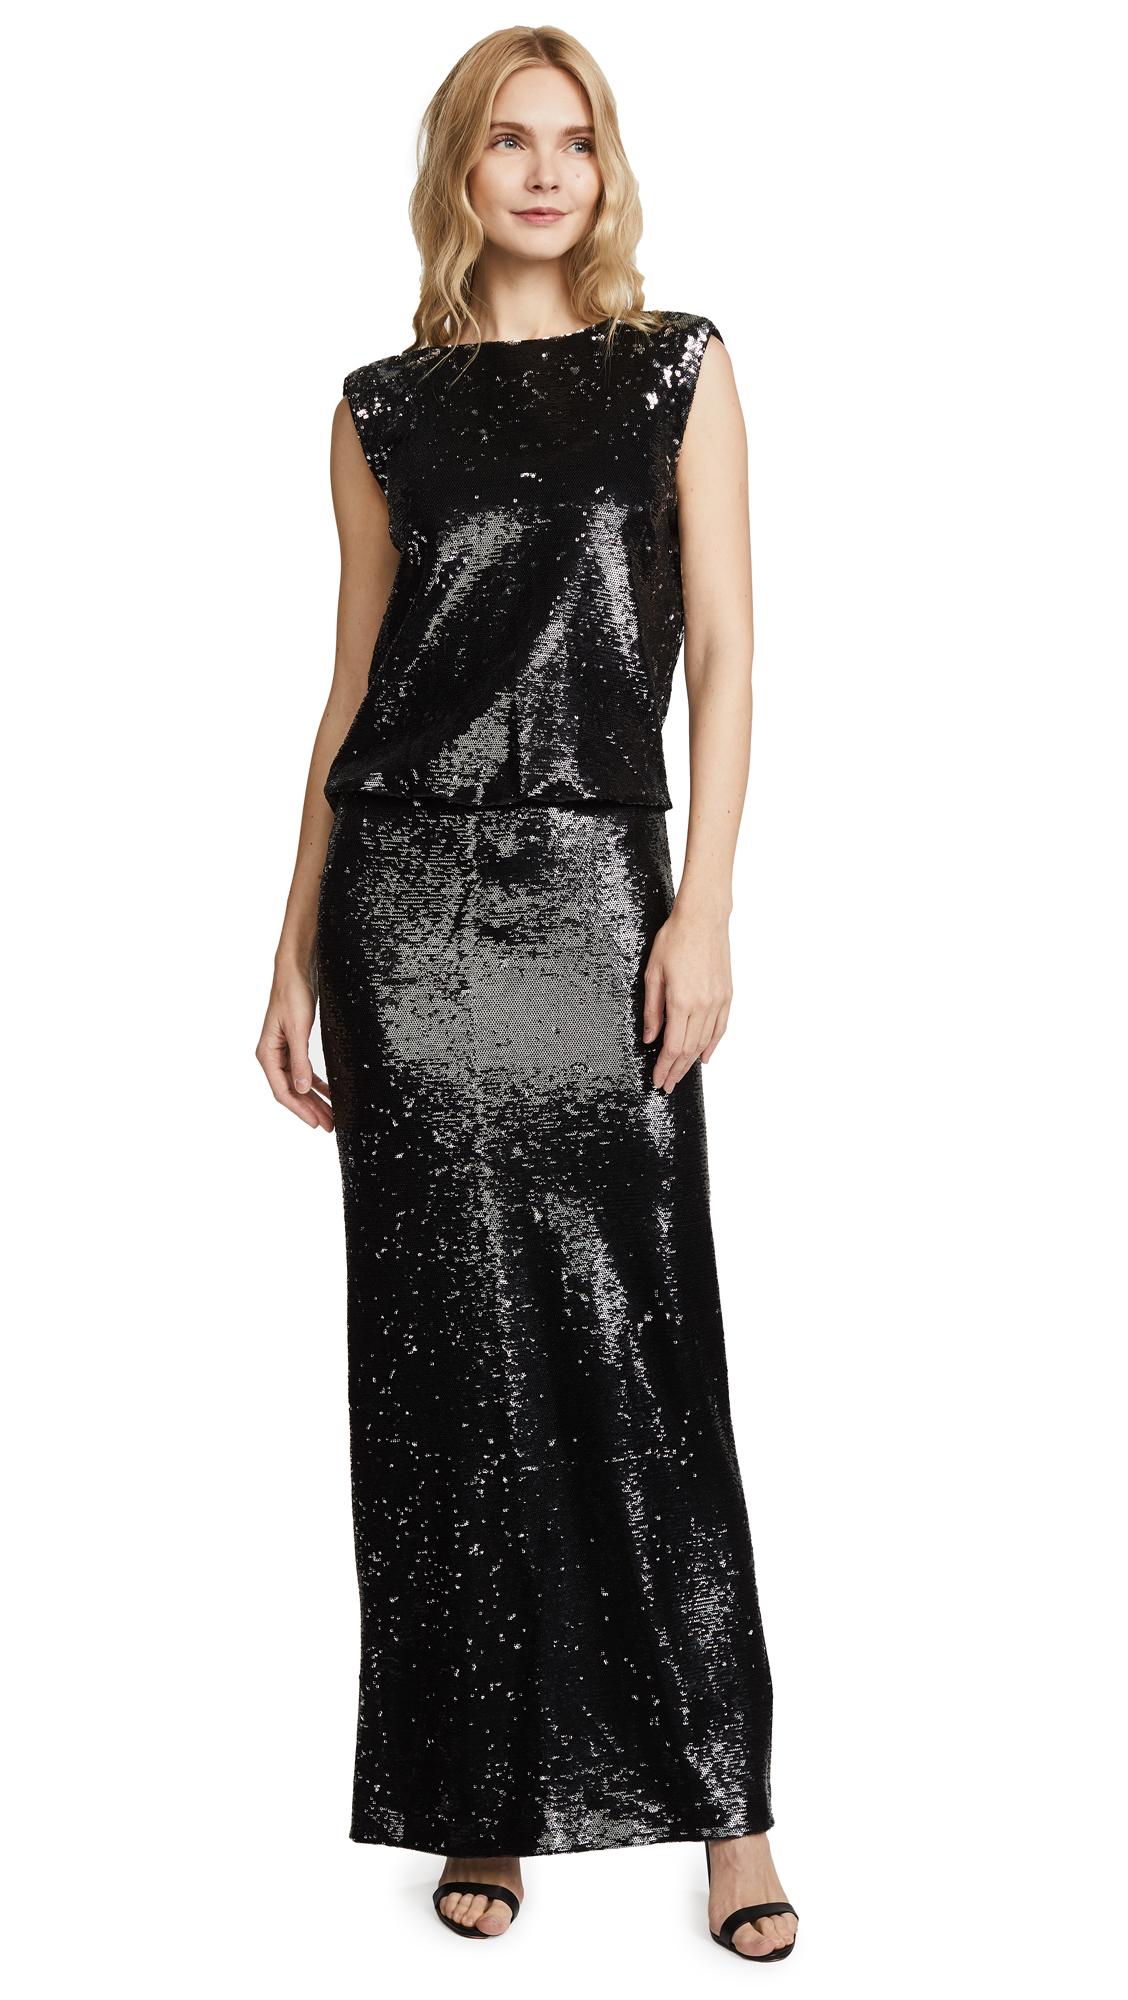 Rachel Zoe Colette Sequin Gown In Black